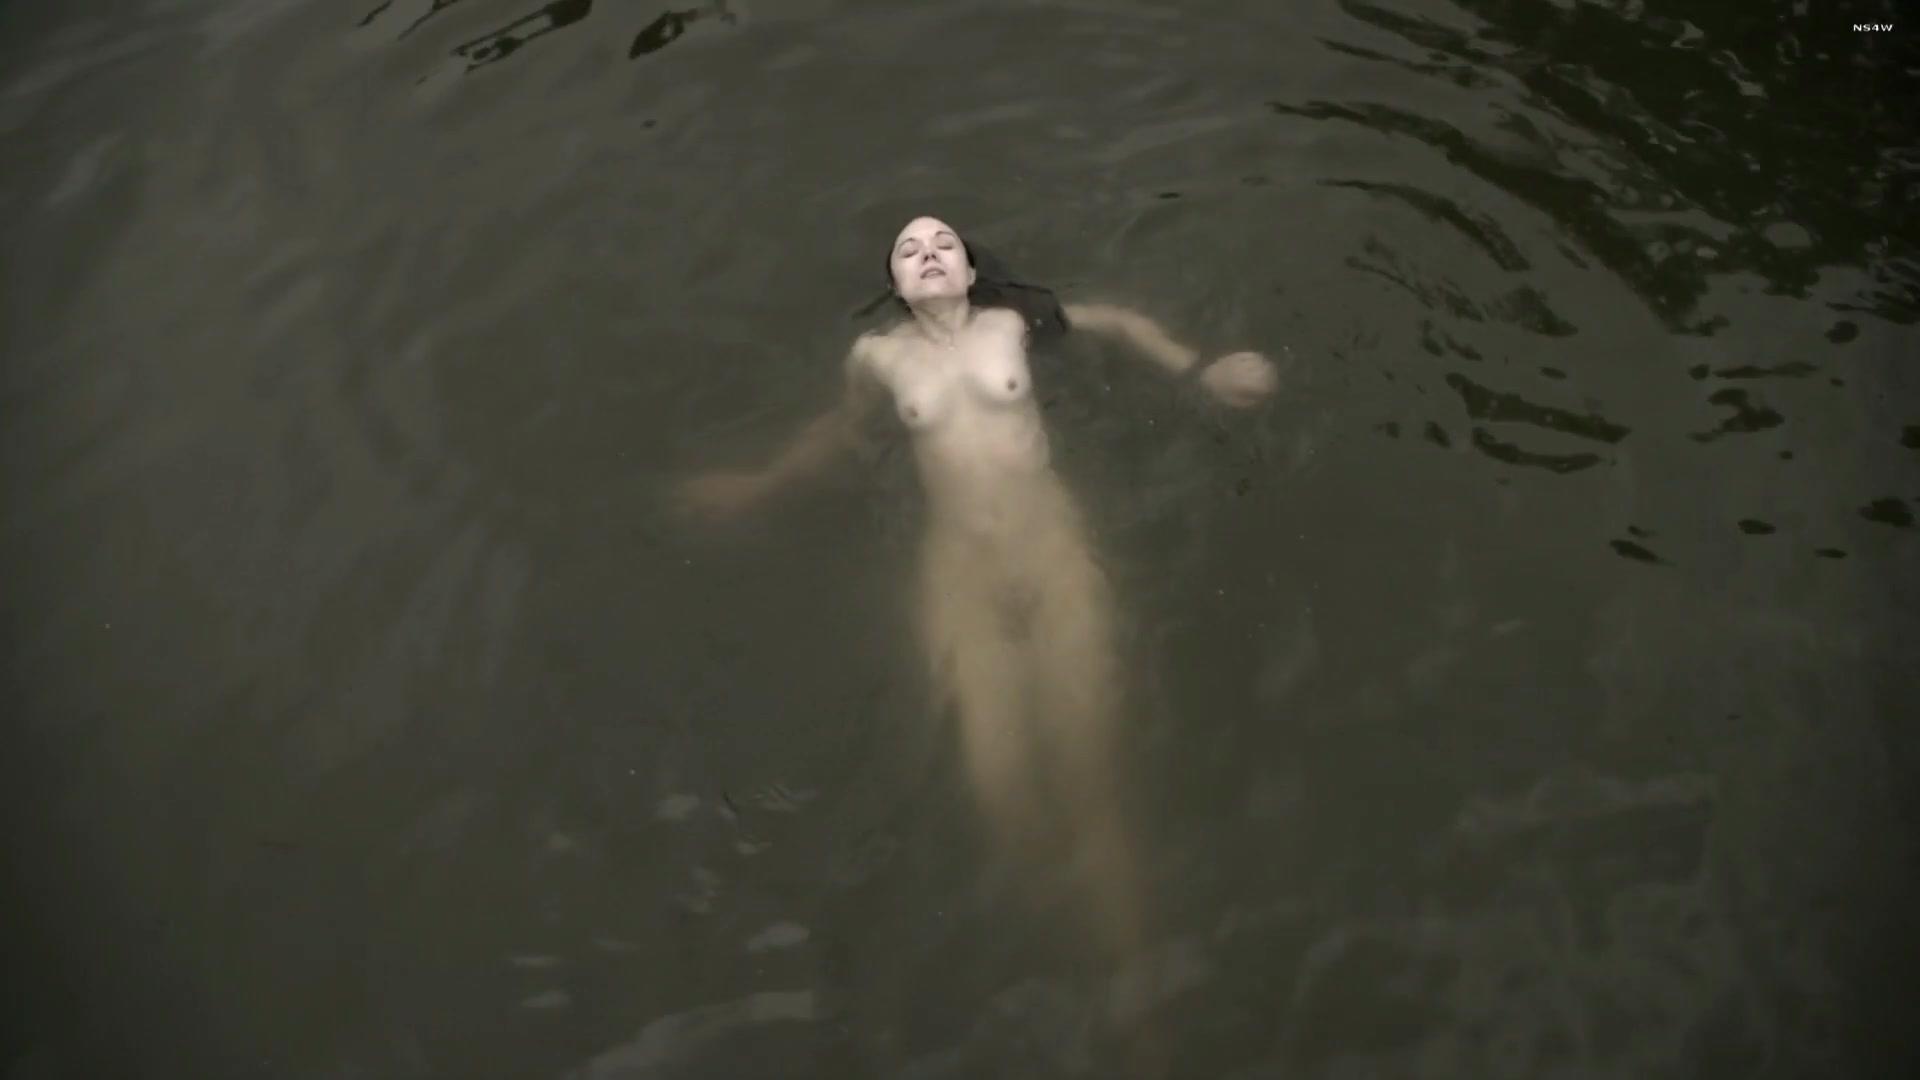 jennifer lynn nude